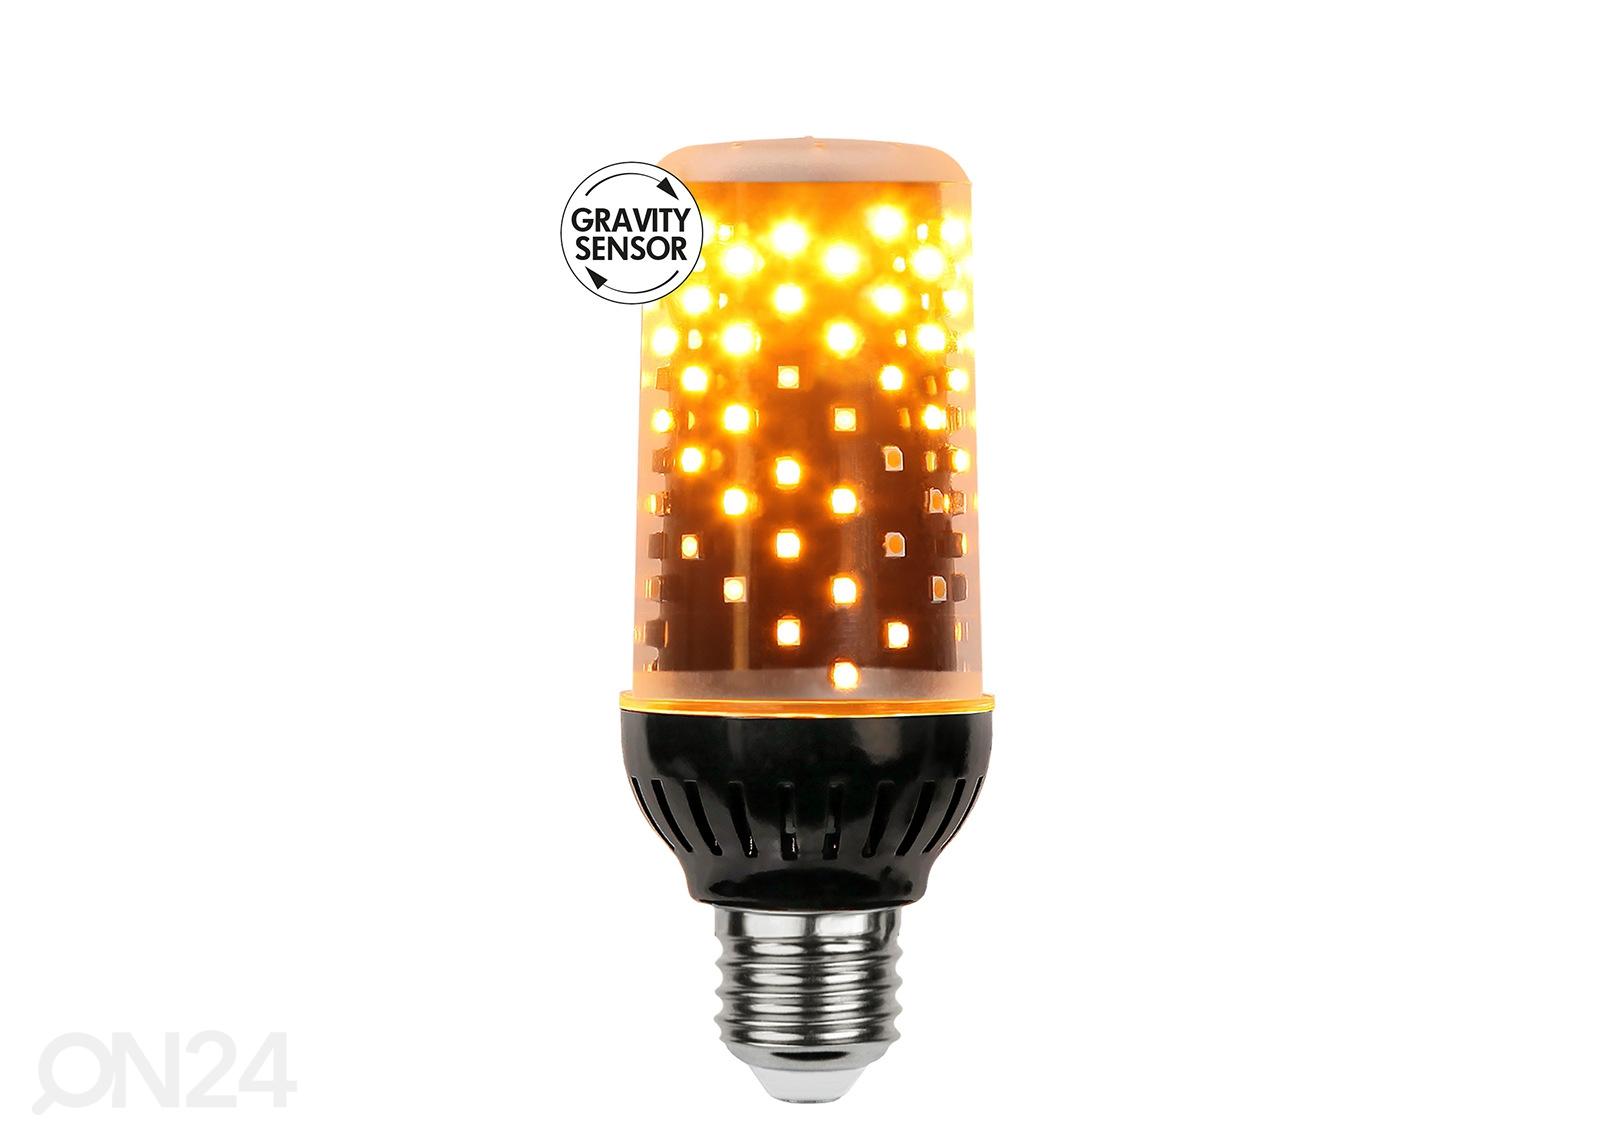 1b6922edc08 Dekoratiivne LED pirn E27 1,8-2,6 W AA-152369 - ON24 Sisustuskaubamaja